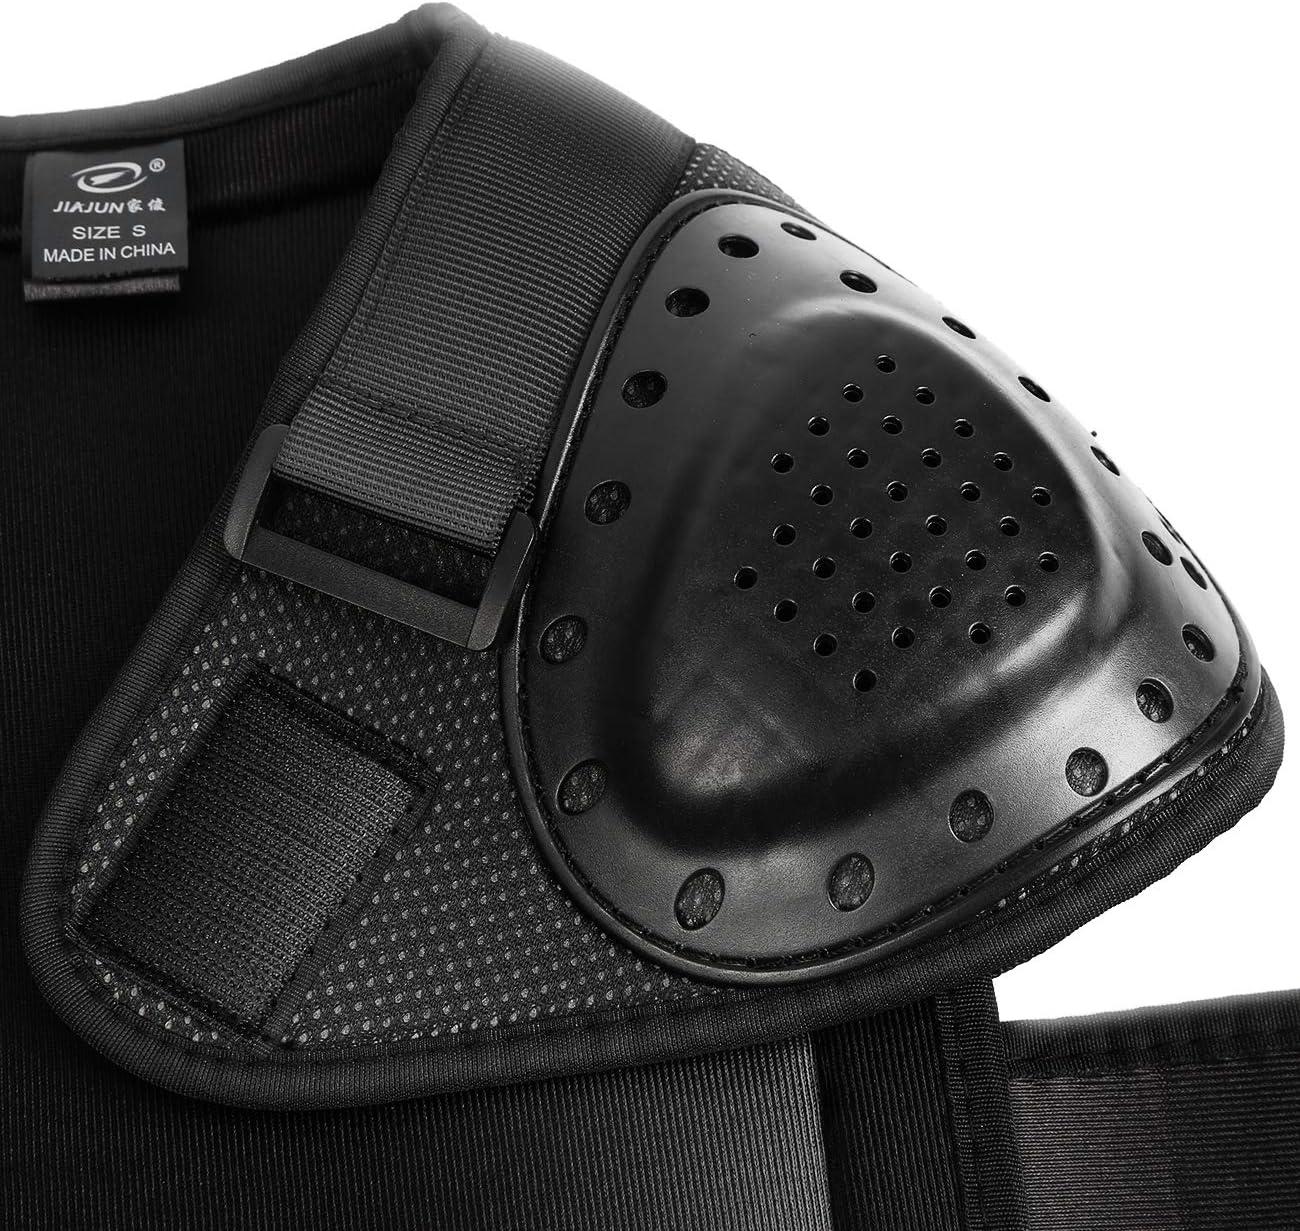 Samger Kinder Körperschutz Brust Rücken Wirbelsäule Protector Weste 5 18 Jahre Alt Für Skifahren Reiten Motocross S Auto